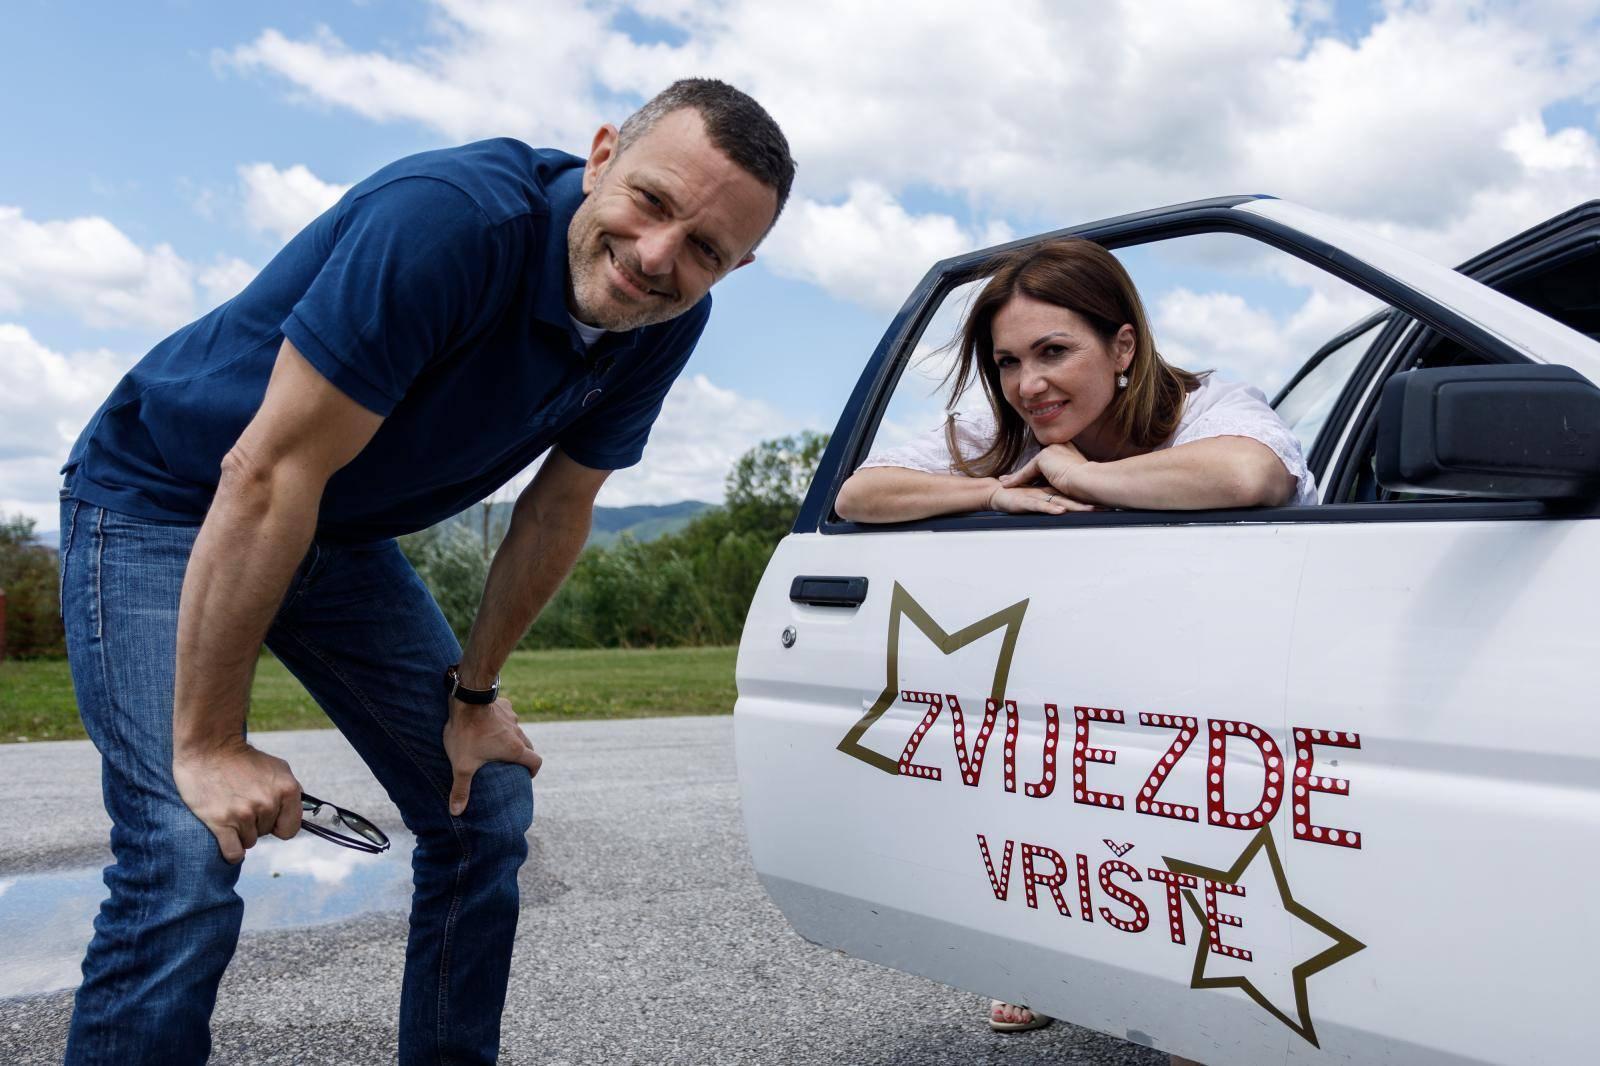 Vratila se Tara! Bivša pjevačica Karme natjerala Jurja Šebalja da pjevuši  'Zeko i potočić'